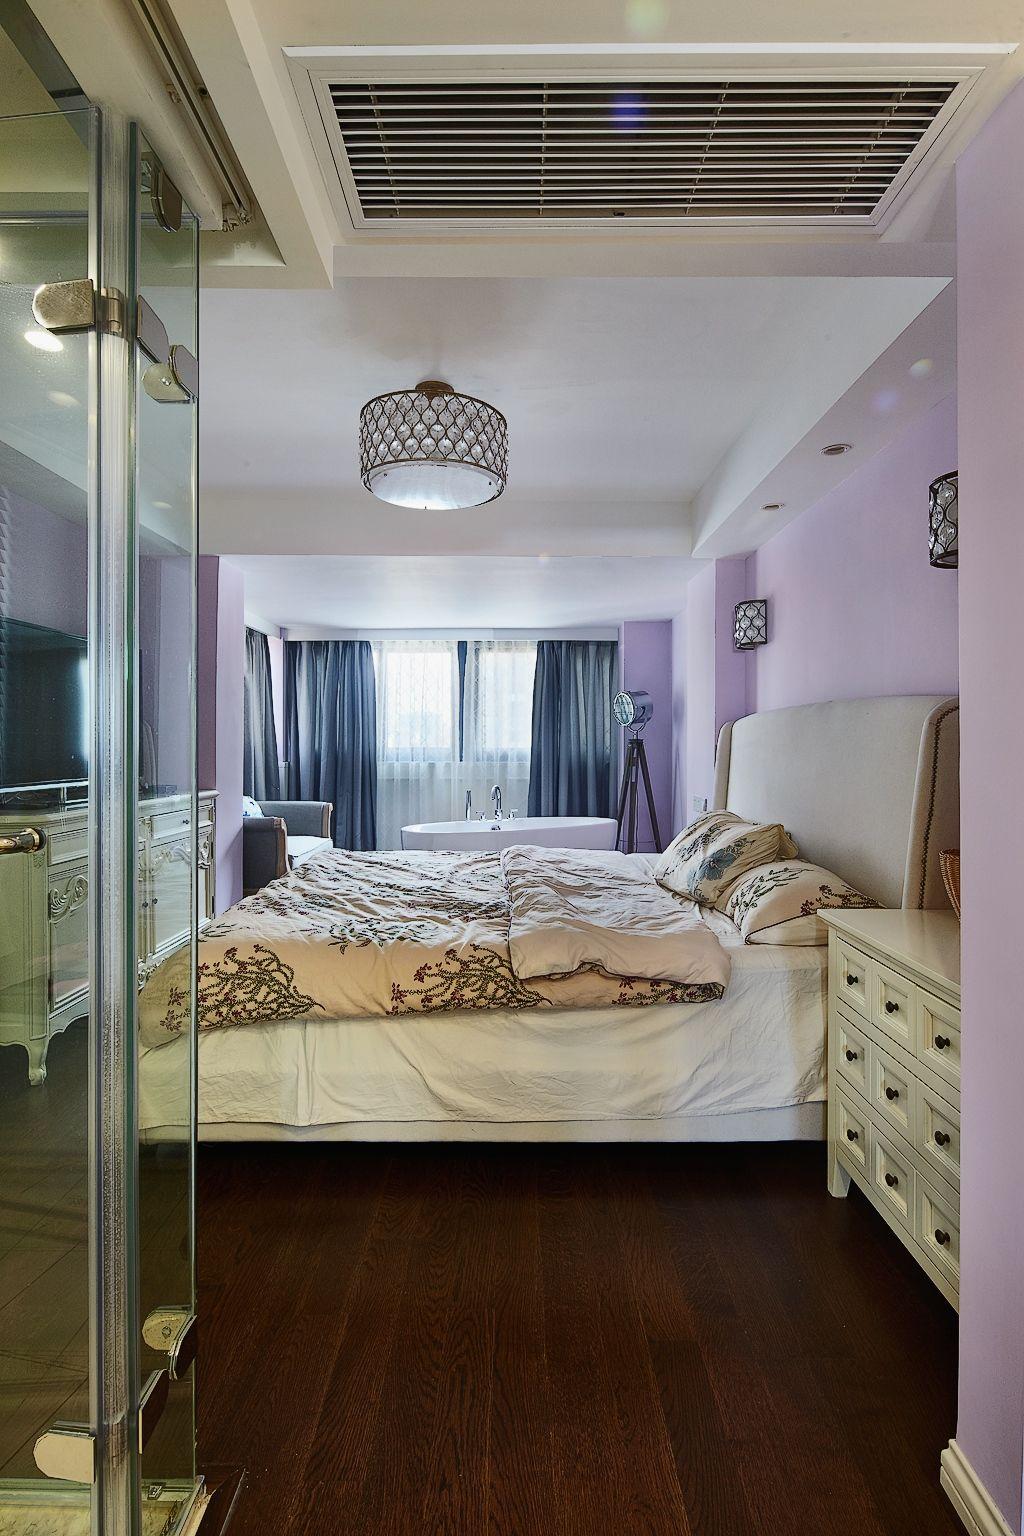 唯美简约卧室装修欣赏